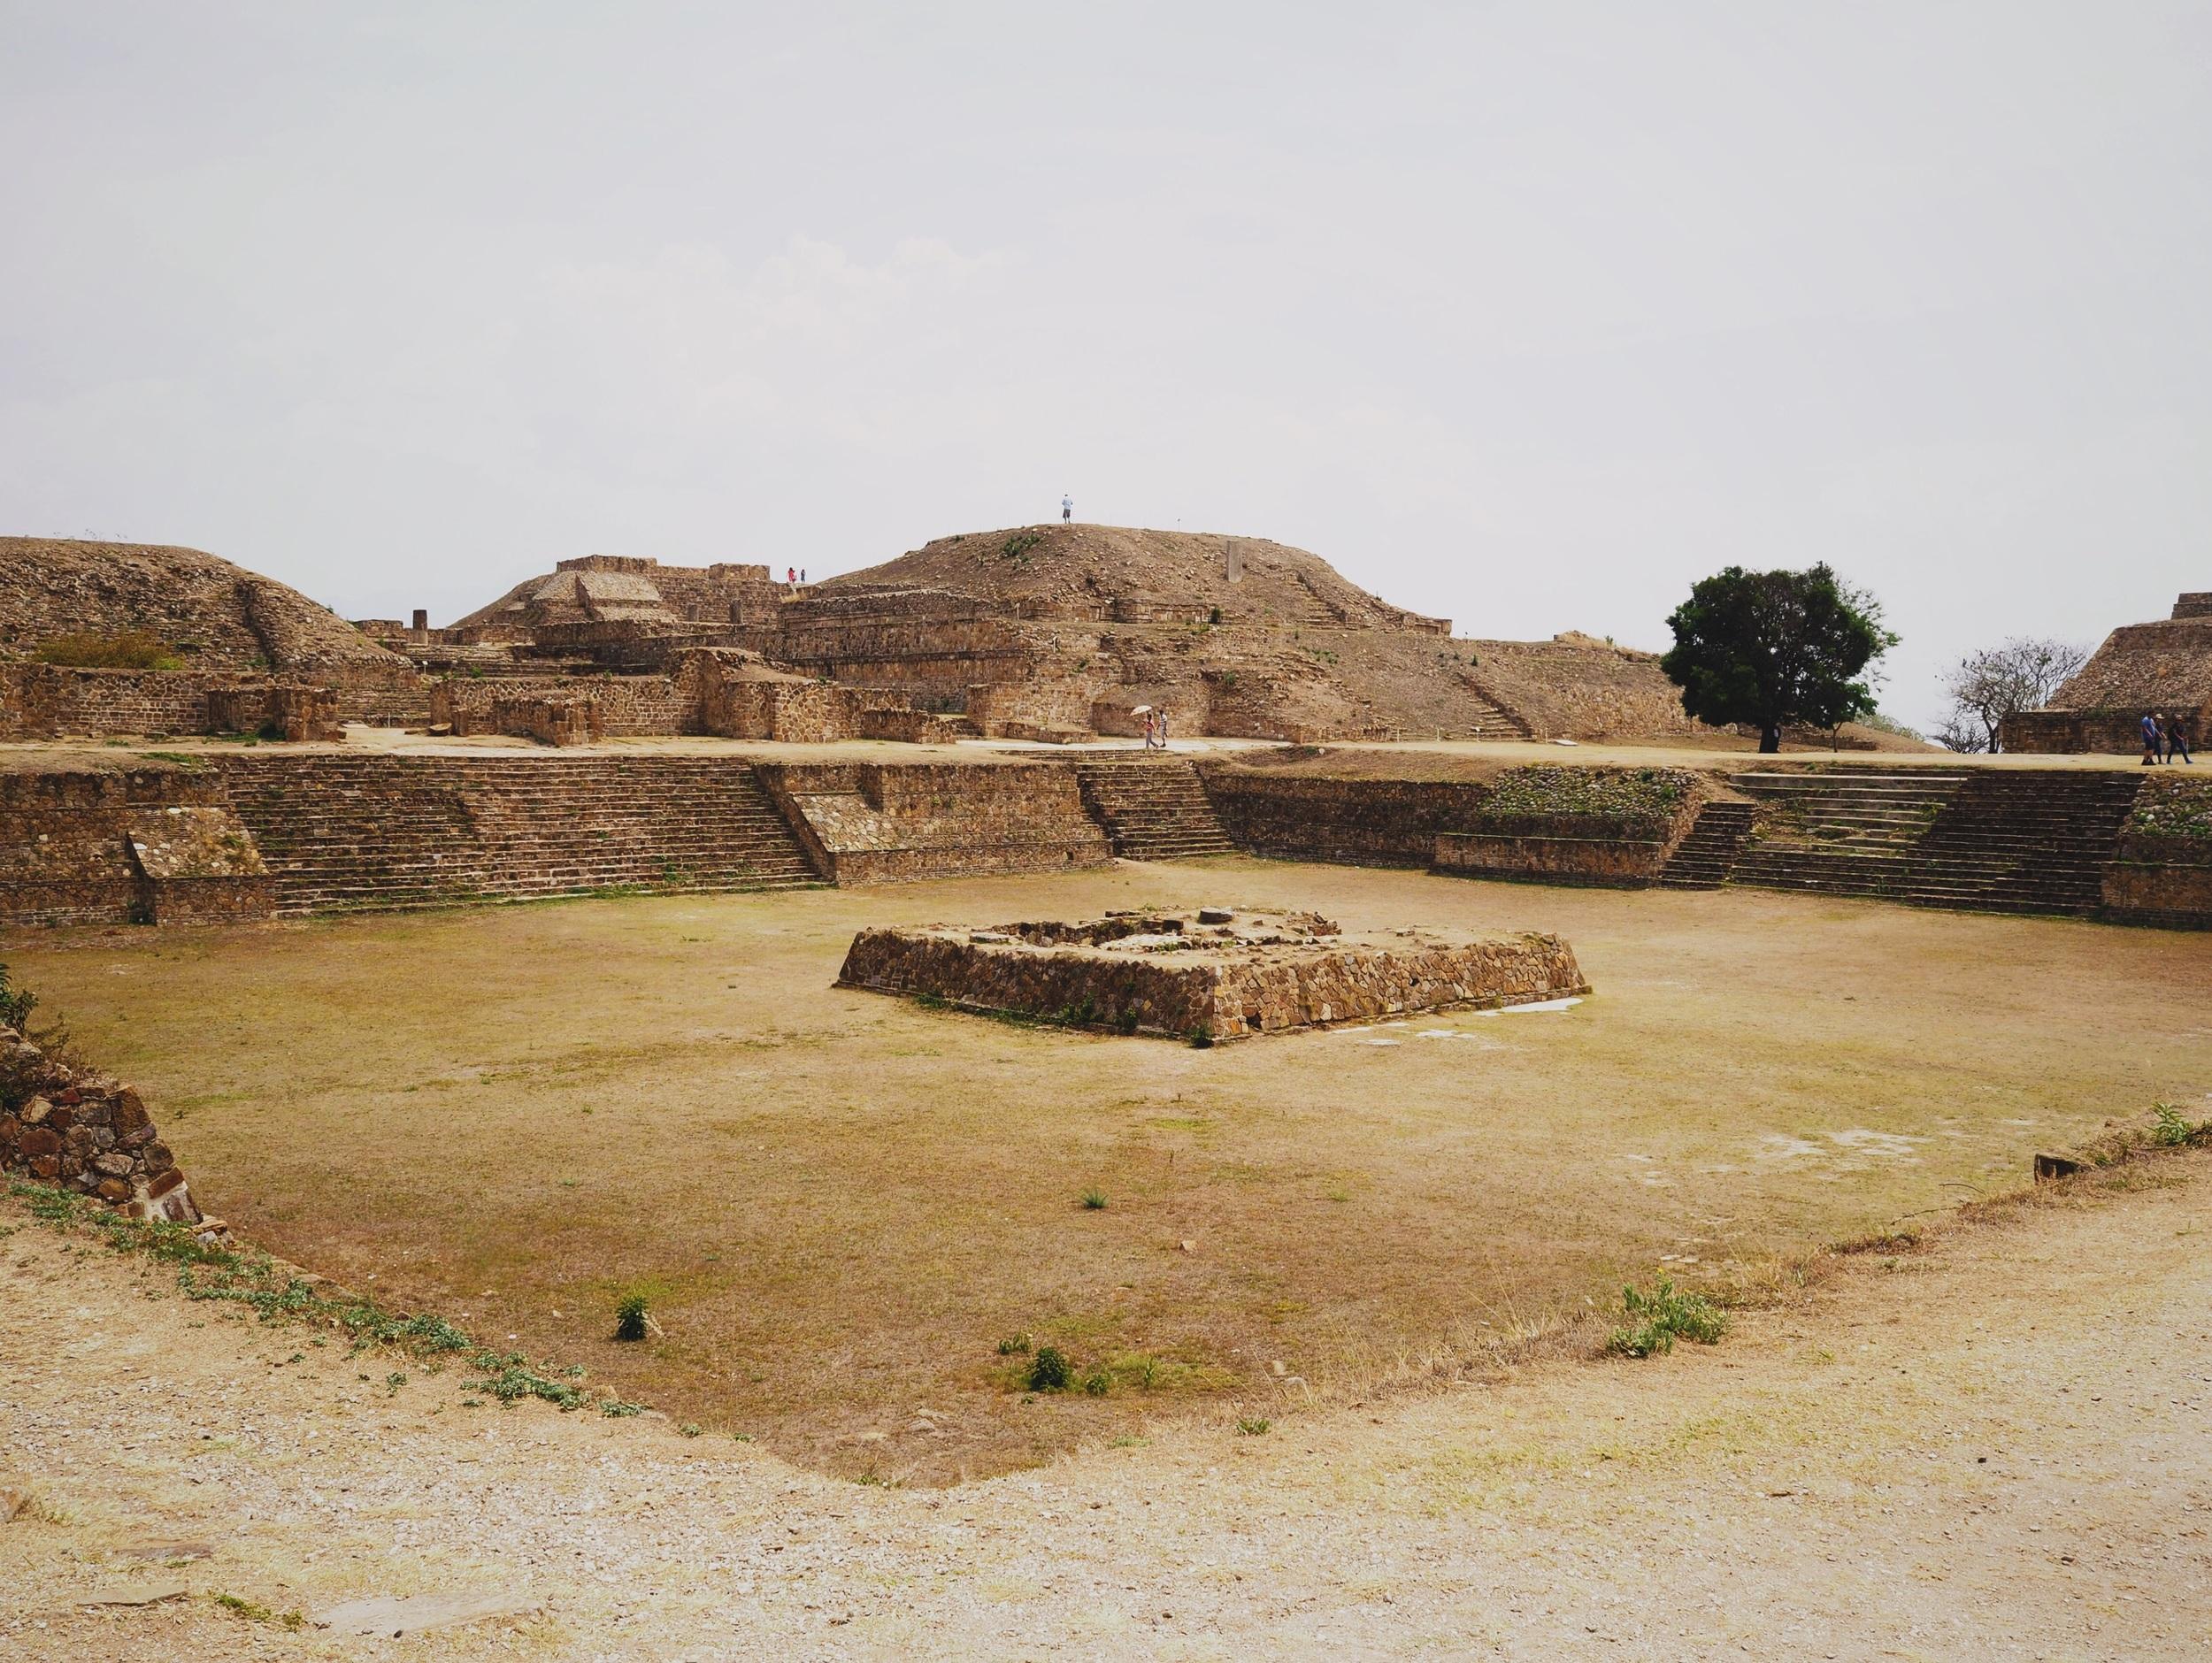 Sprawling ruins